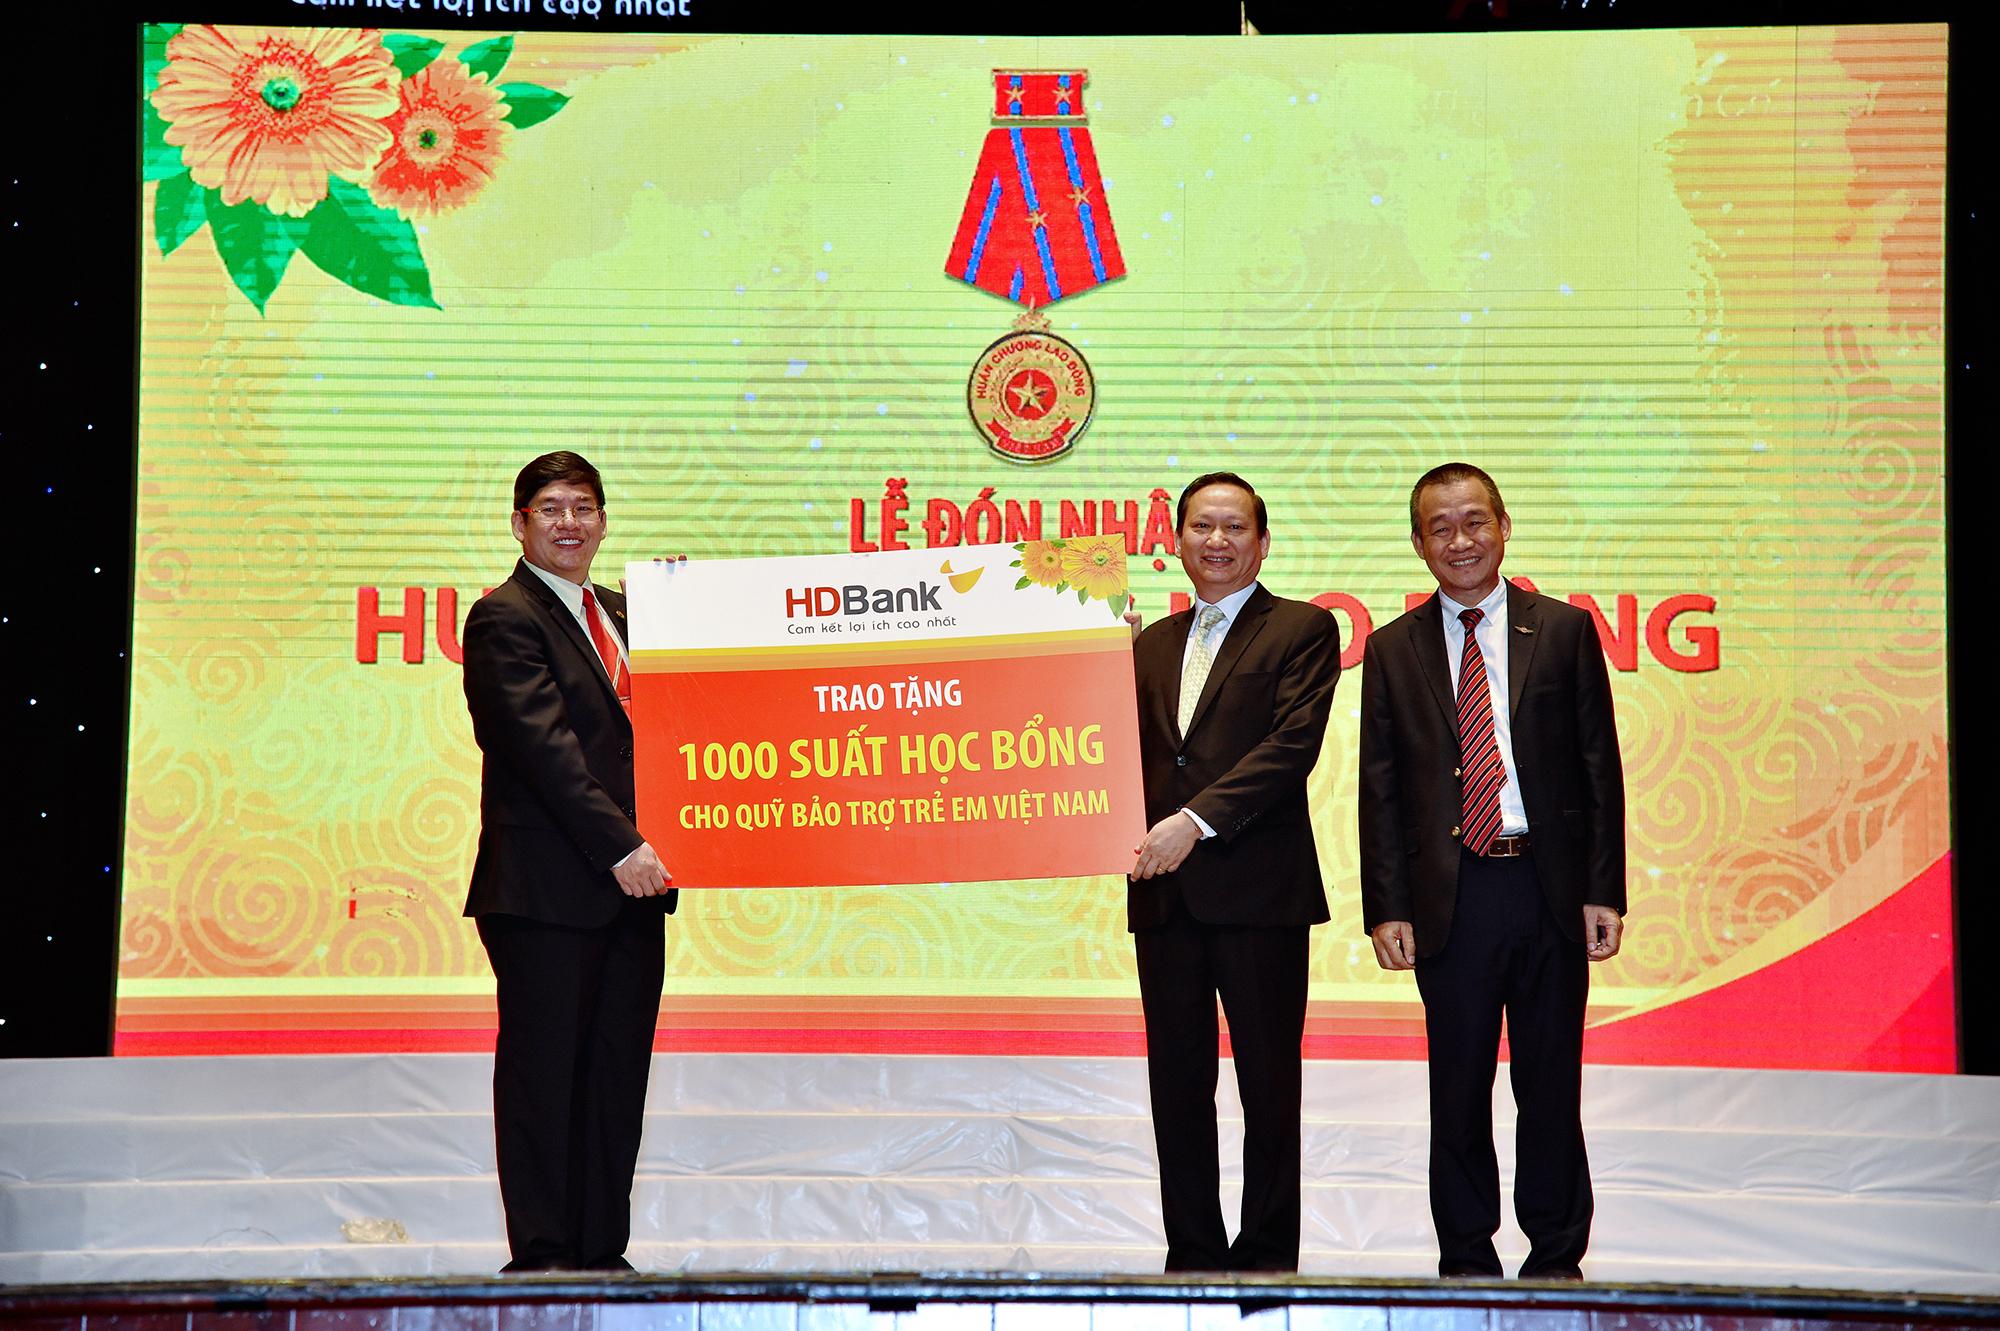 HDBank trao tặng 1, tỷ đồng cho Quỹ Bảo trợ trẻ em em Việt Nam hồi tháng 1/2019.